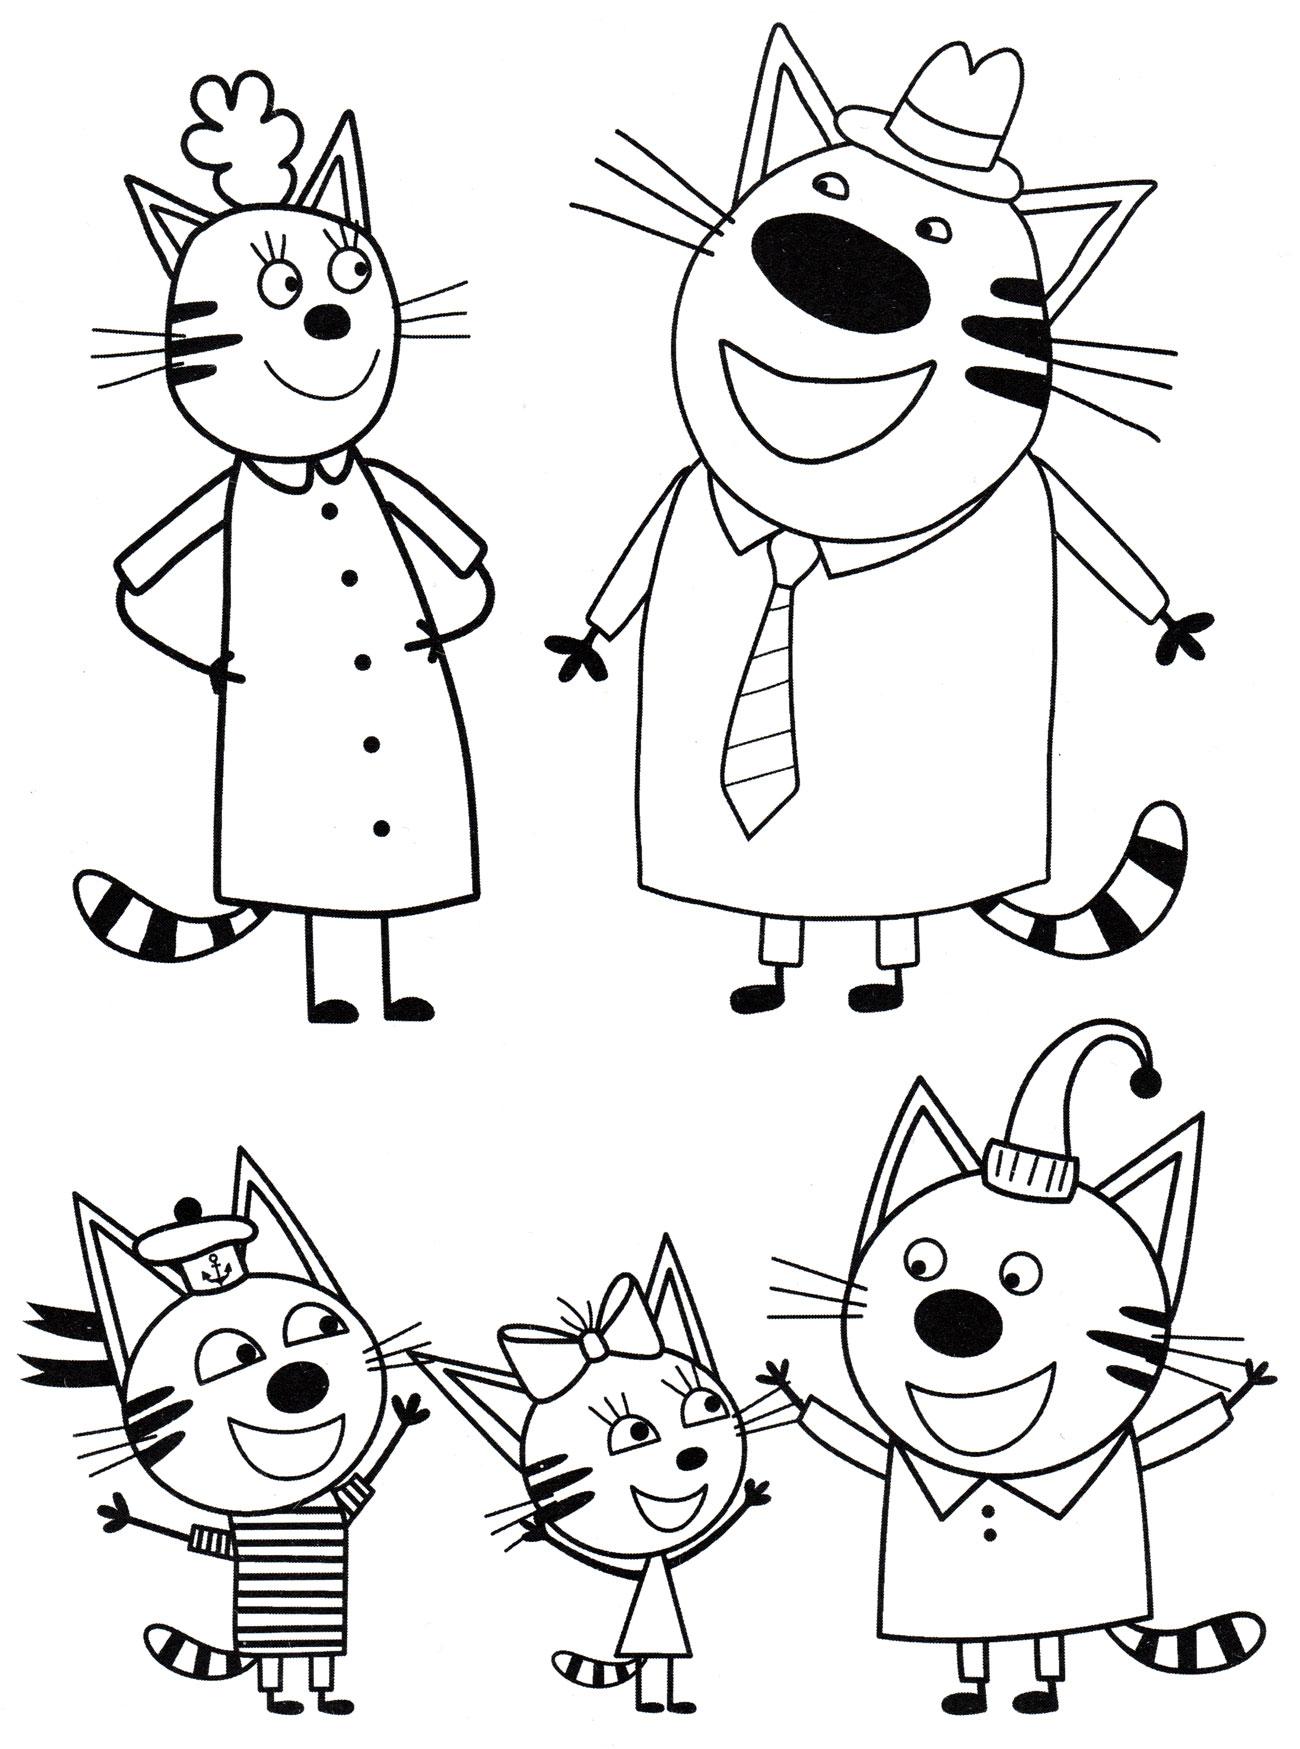 Раскраска Все главные персонажи | Раскраски Три кота